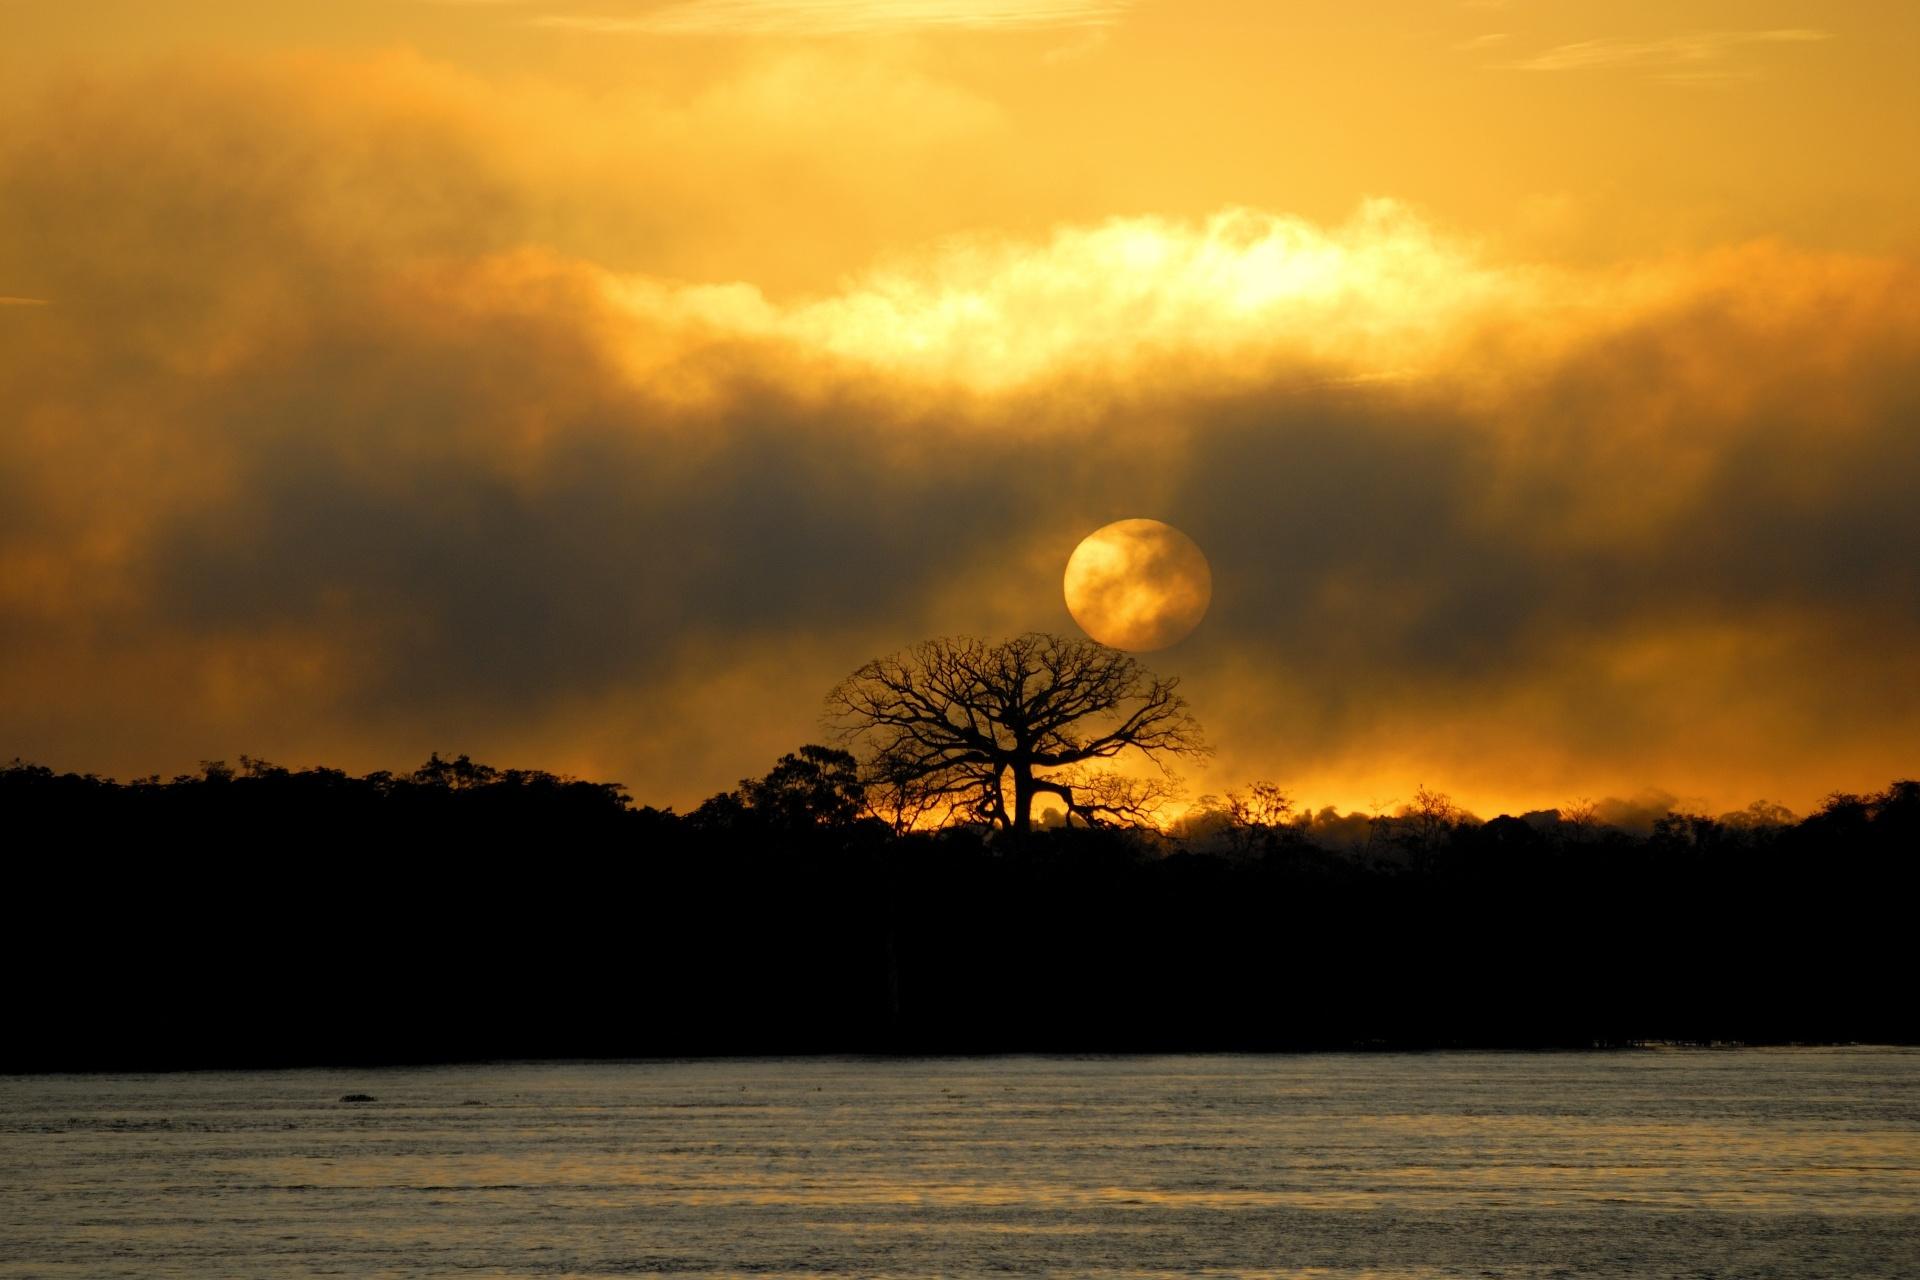 アマゾン川の日の出 マナウス ブラジル